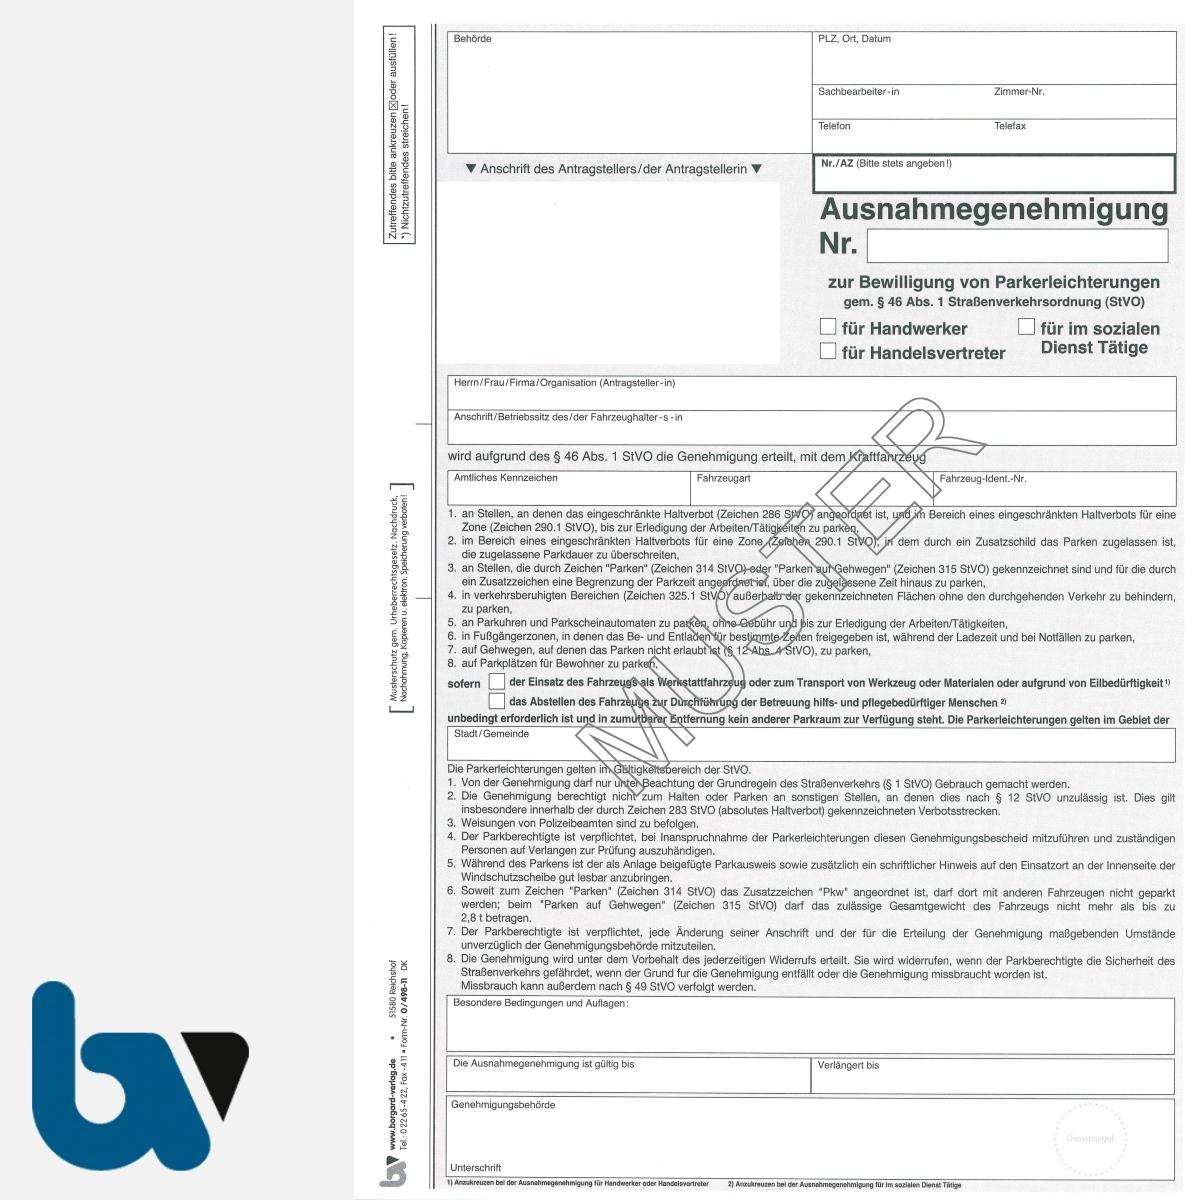 0/498-11 Ausnahmegenehmigung 46 Straßenverkehrsordnung StVO Bewilligung Parkerleichterung Handwerker Handelsvertreter soziale Dienst selbstdurchschreib DIN A4 2-fach | Borgard Verlag GmbH